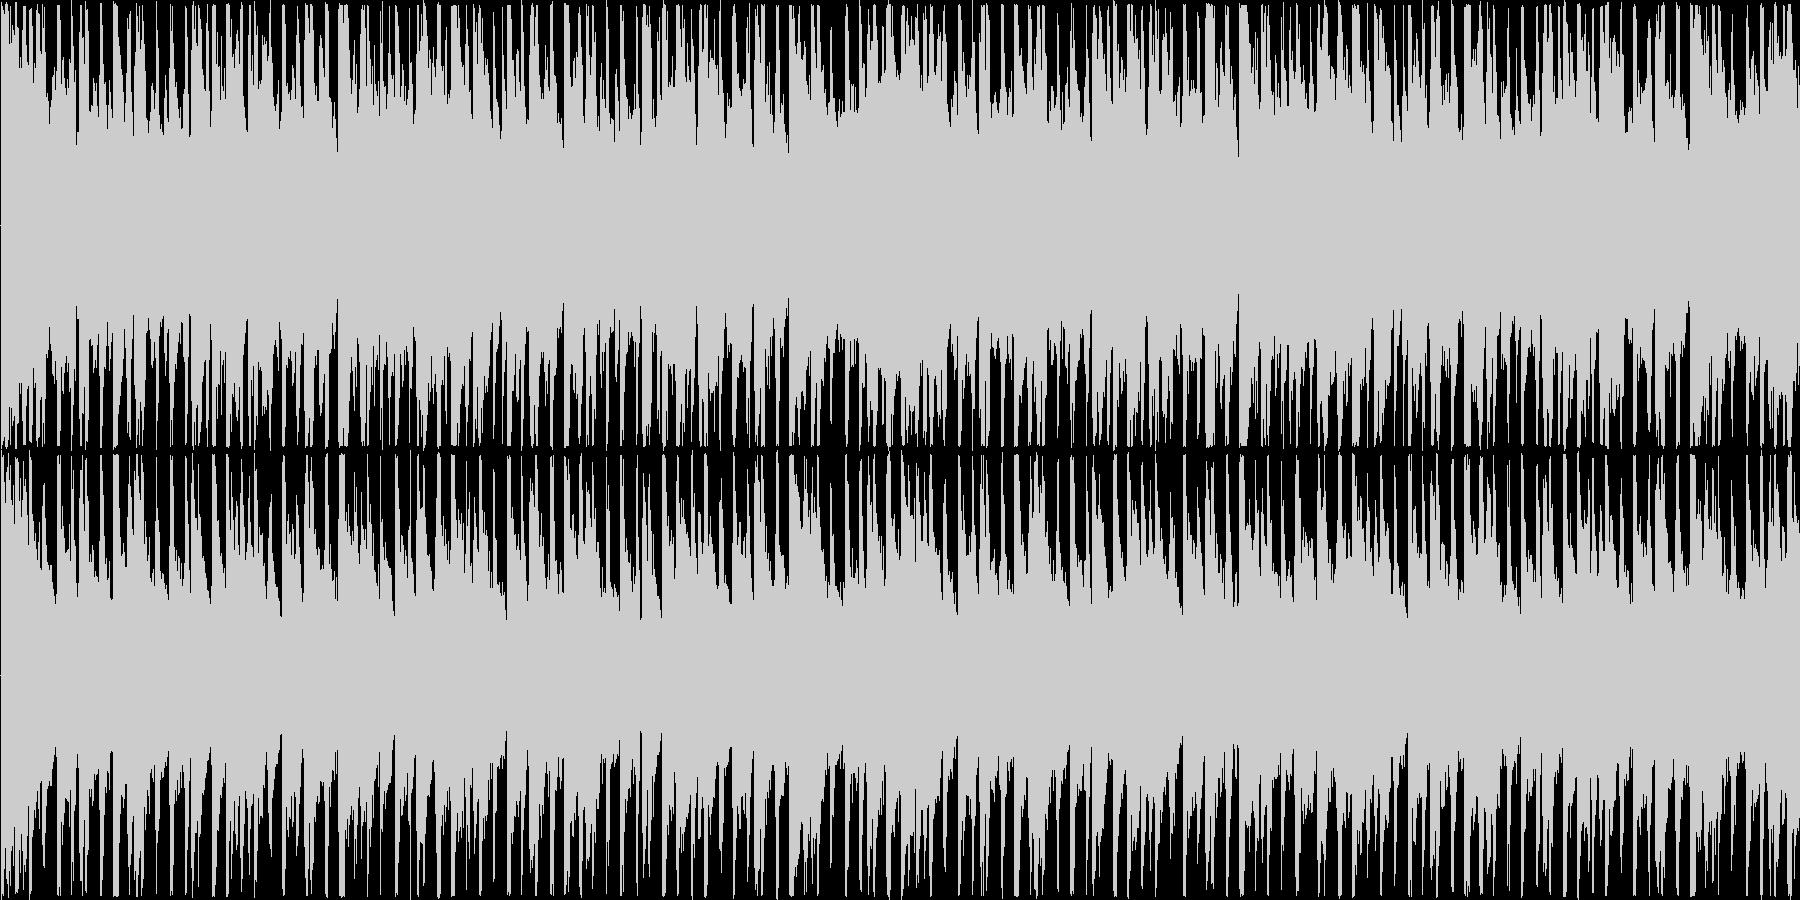 楽しい雰囲気のBGM(ループ)の未再生の波形